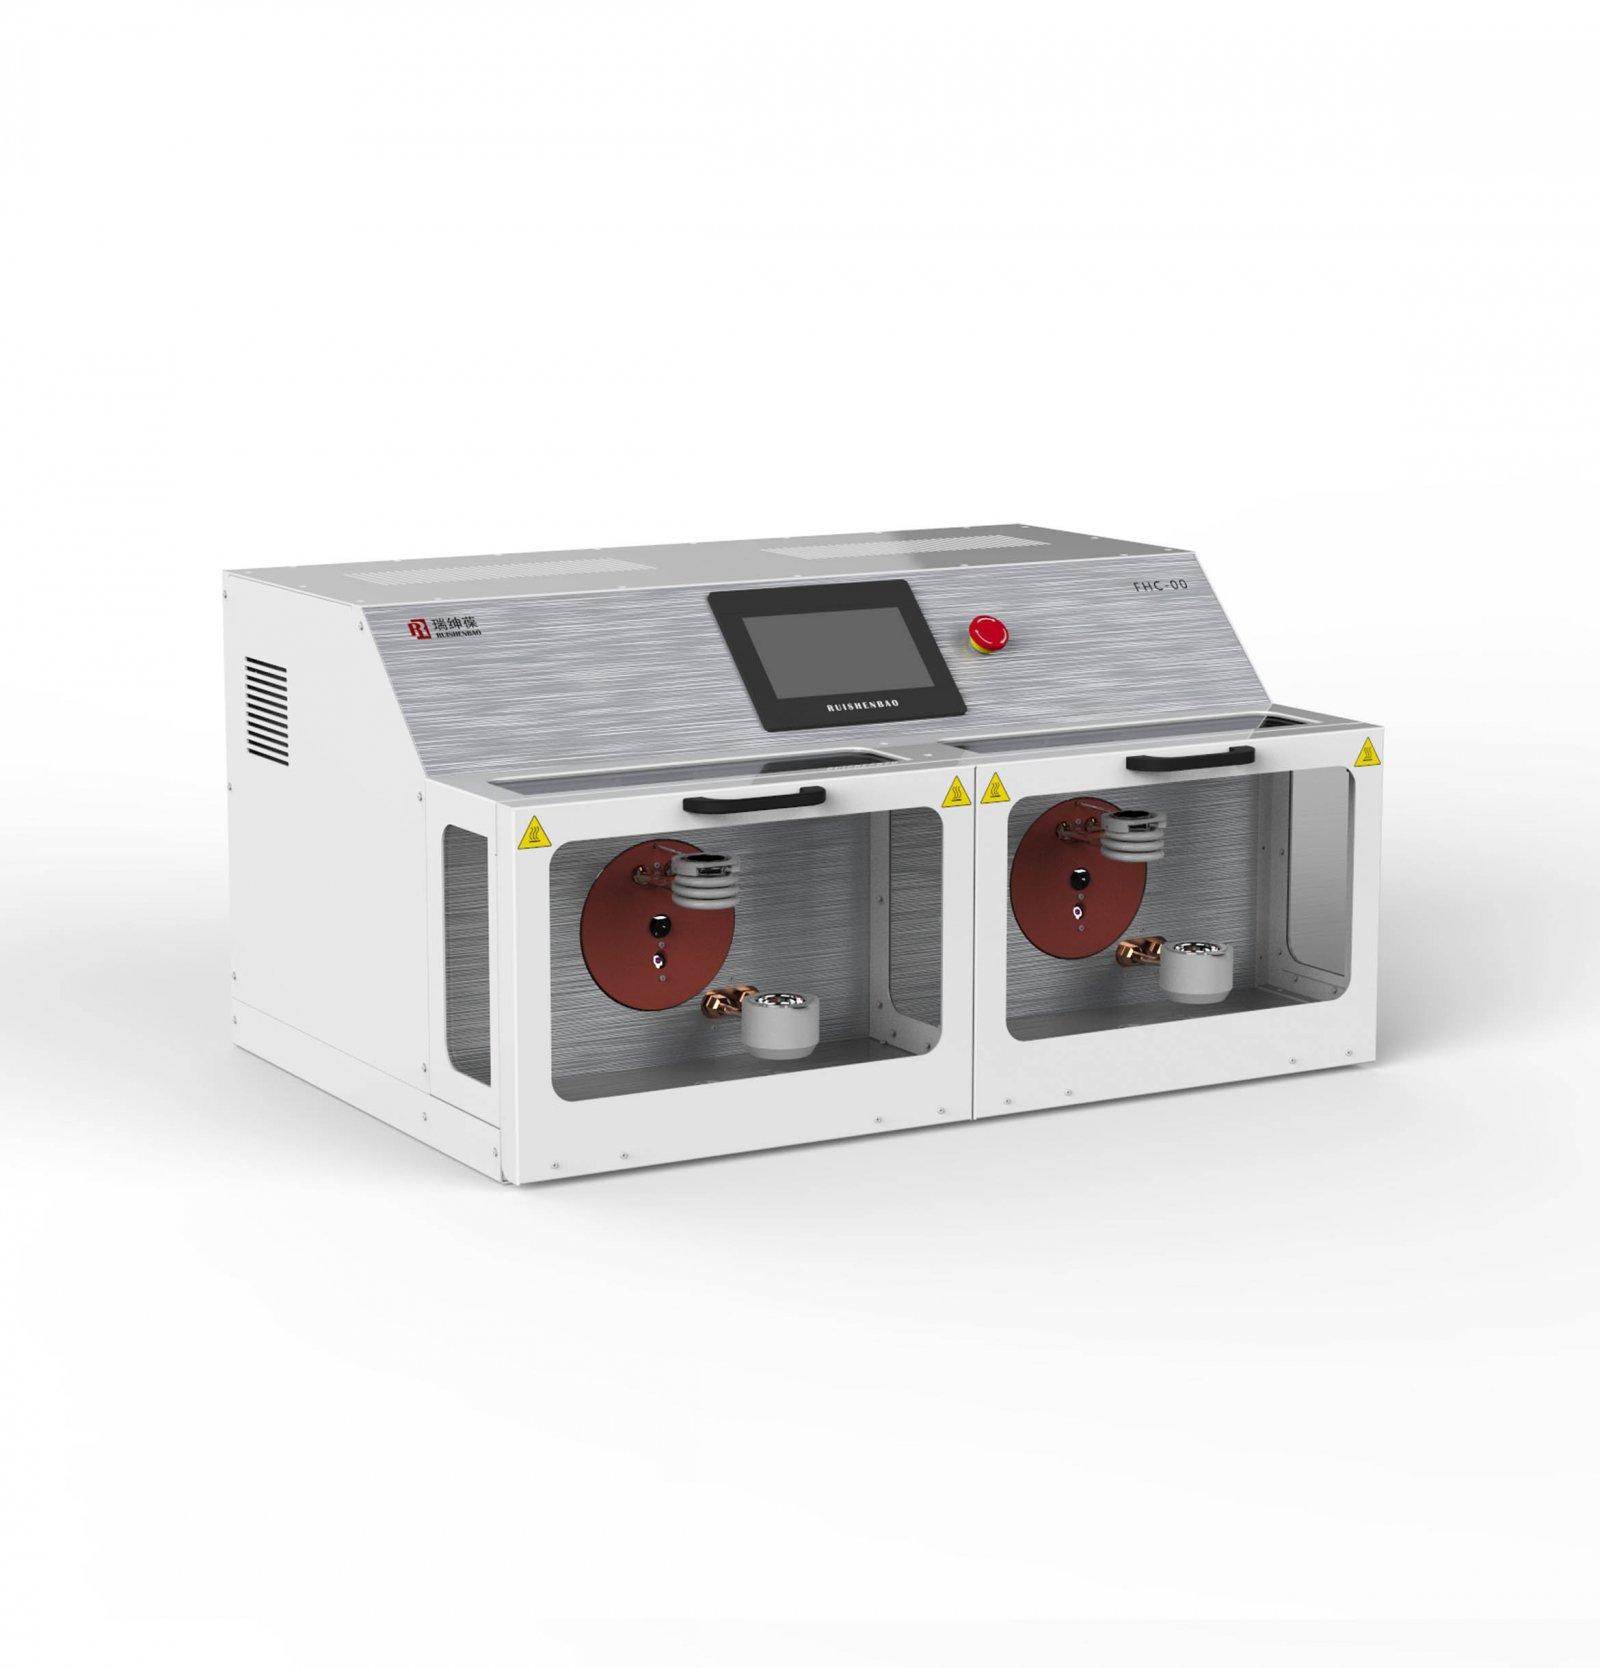 瑞绅葆FHC-00高频感应熔样机图片